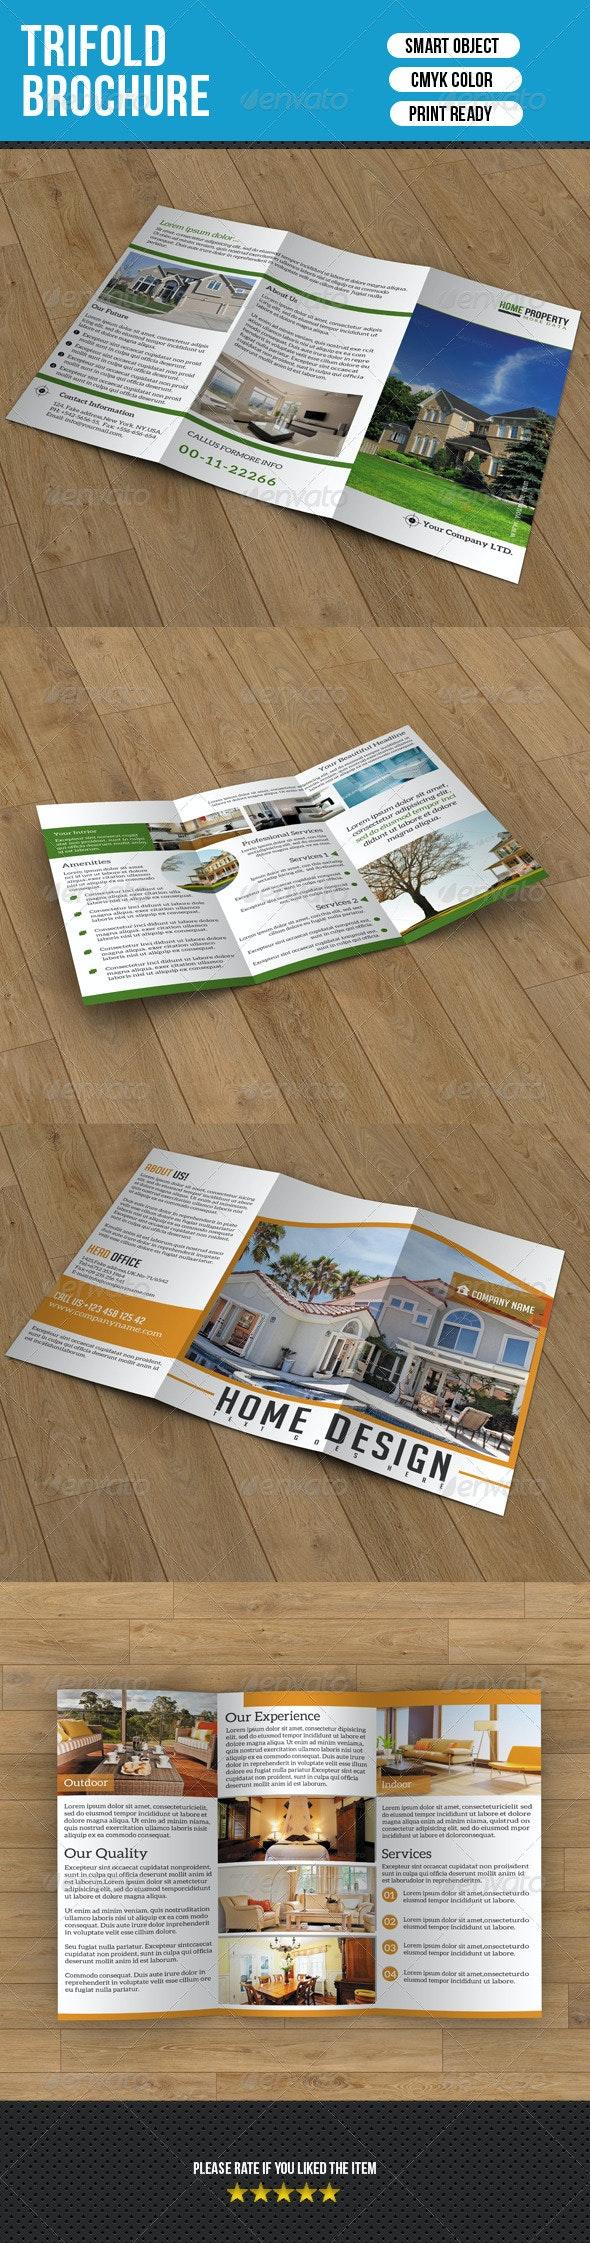 Real Estate Trifold Brochure Bundle-V02 - Corporate Brochures